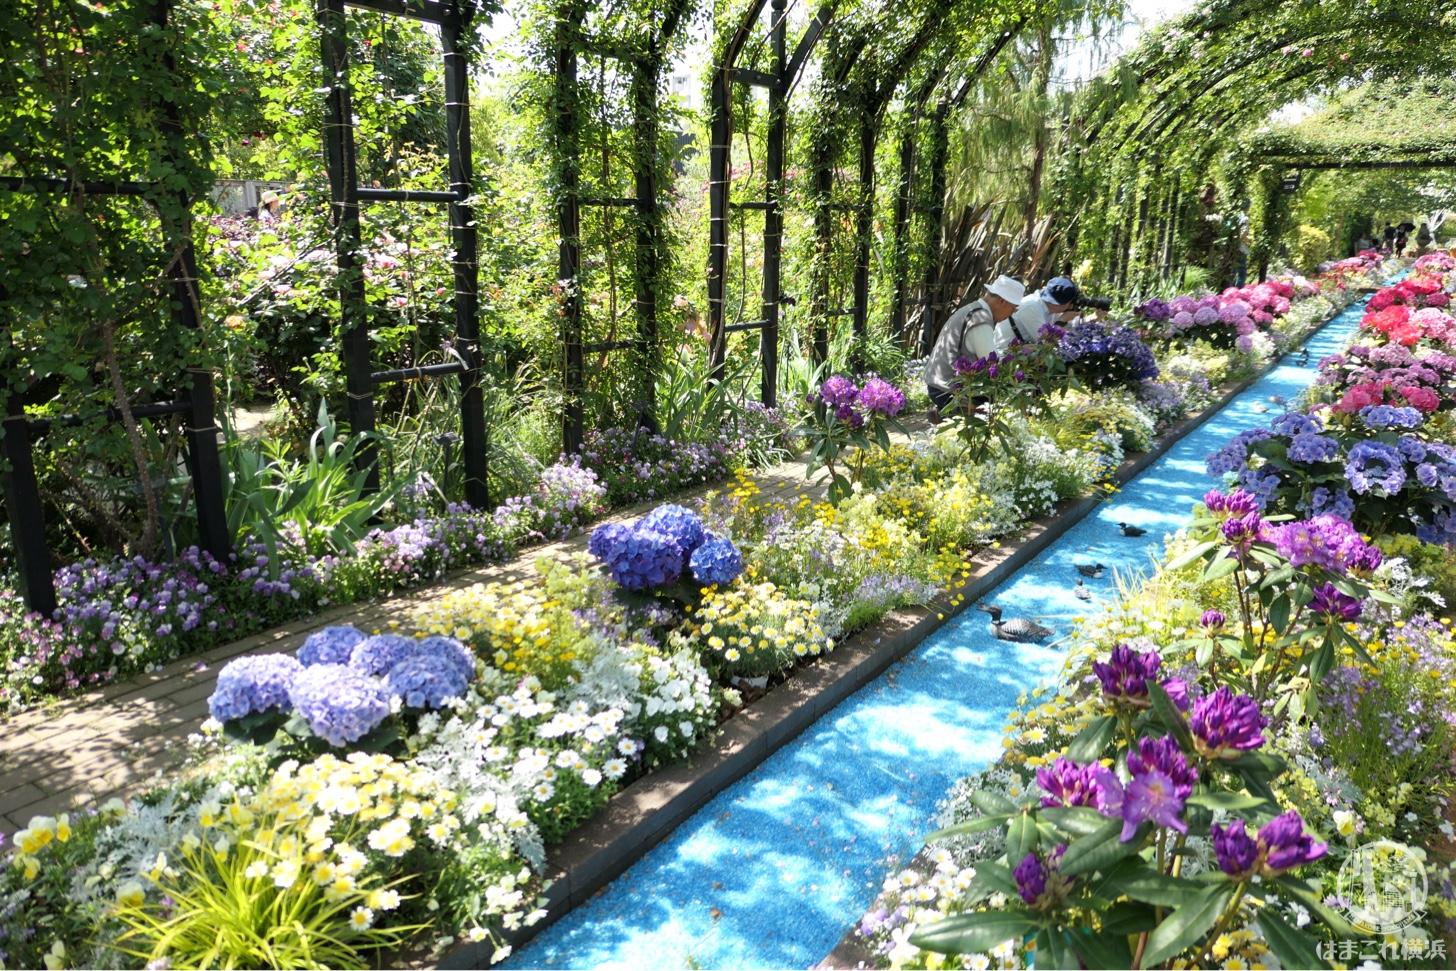 横浜イングリッシュガーデンのバラが圧巻の見頃!横浜駅すぐの自然溢れる癒しスポット